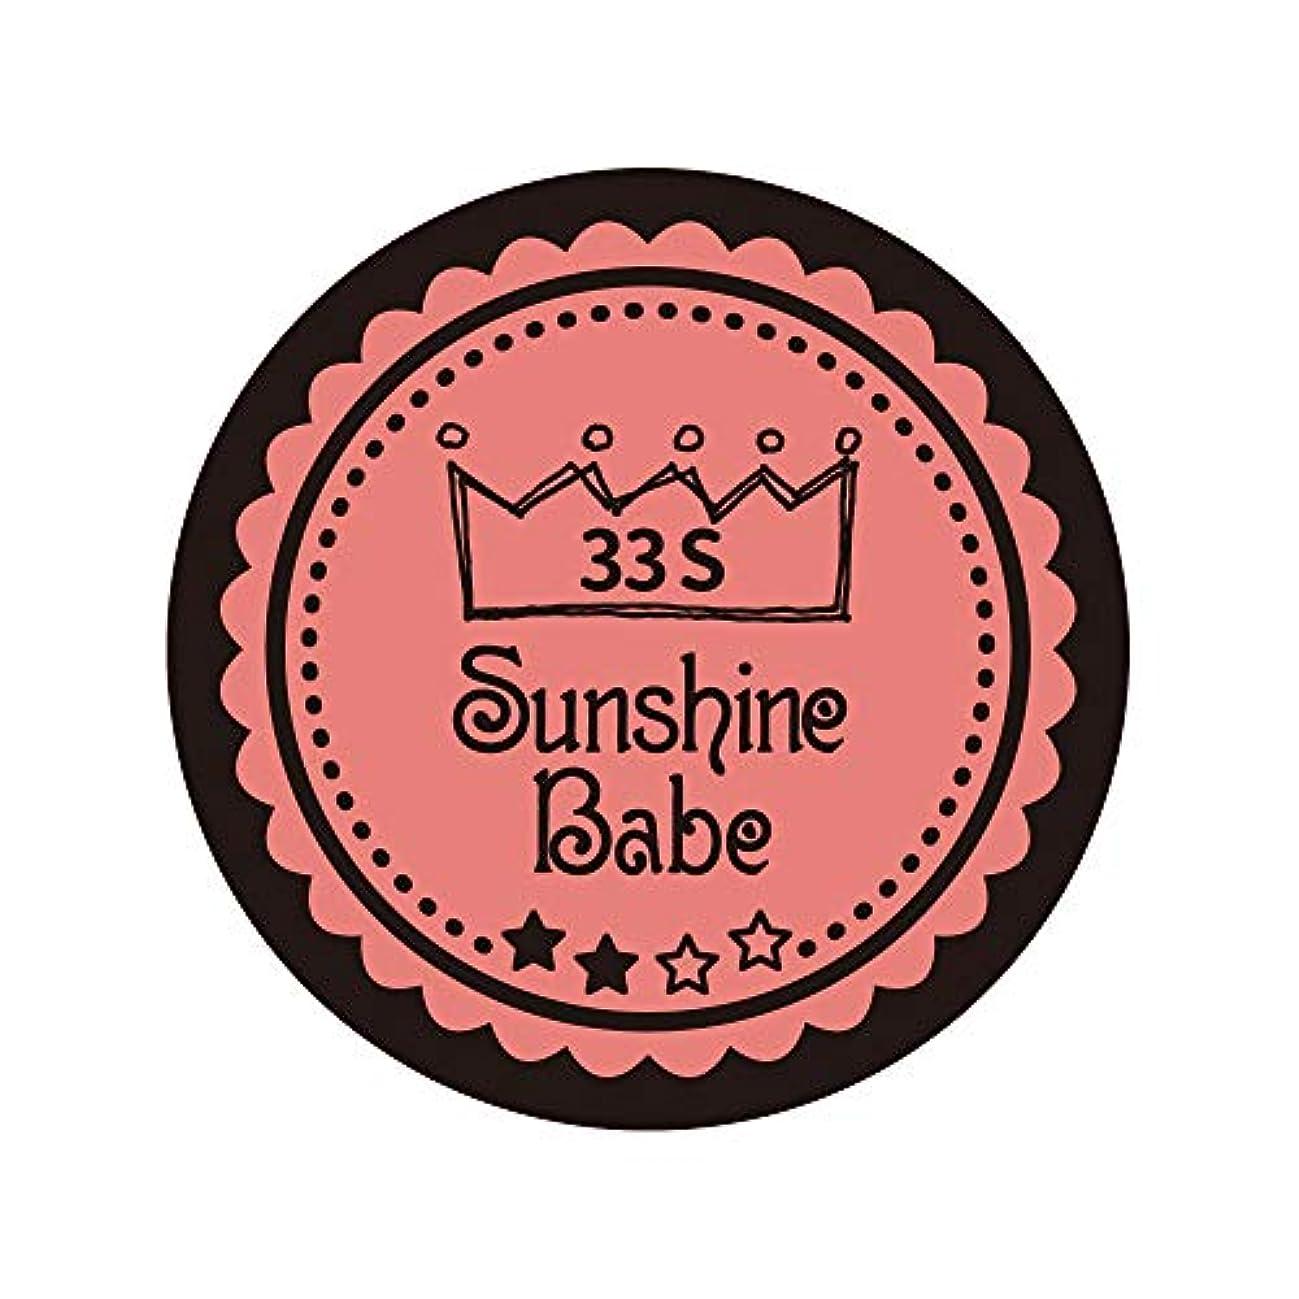 九時四十五分きゅうり性的Sunshine Babe カラージェル 33S ベイクドコーラルピンク 4g UV/LED対応